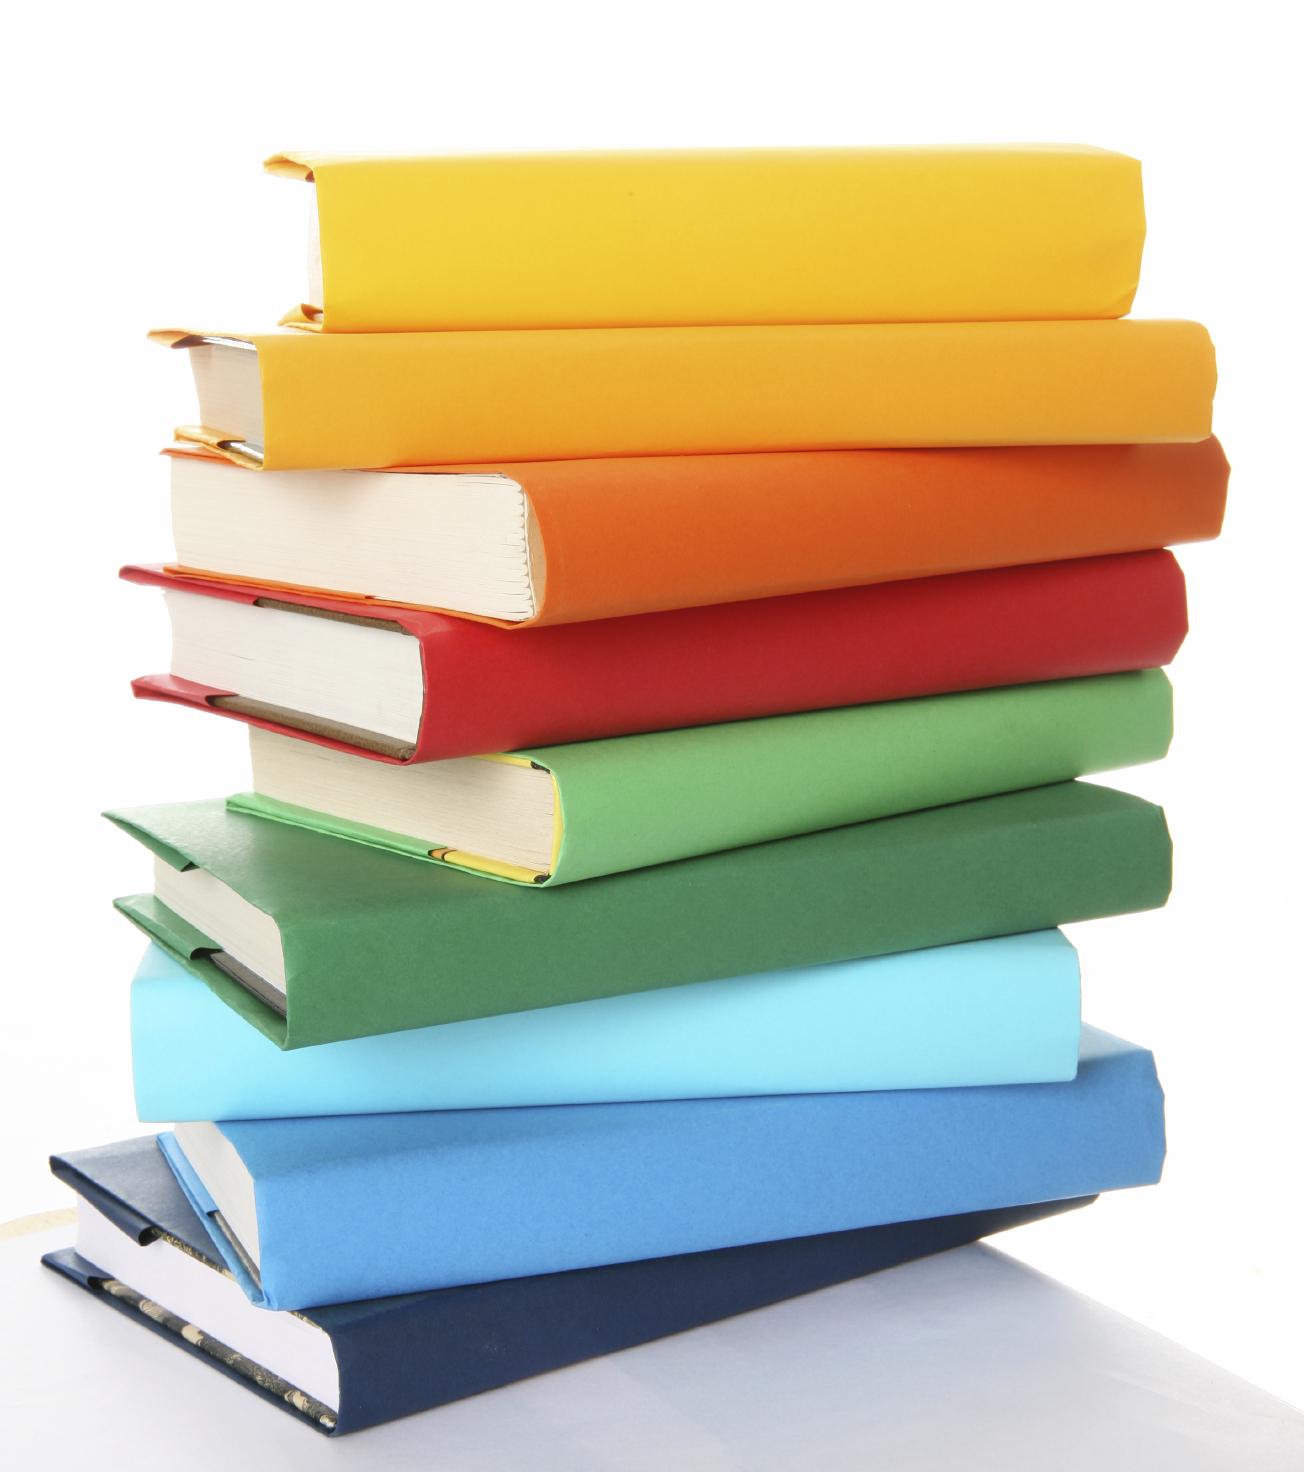 正确呈现参考文献:科研论文引用书籍时该如何处理?